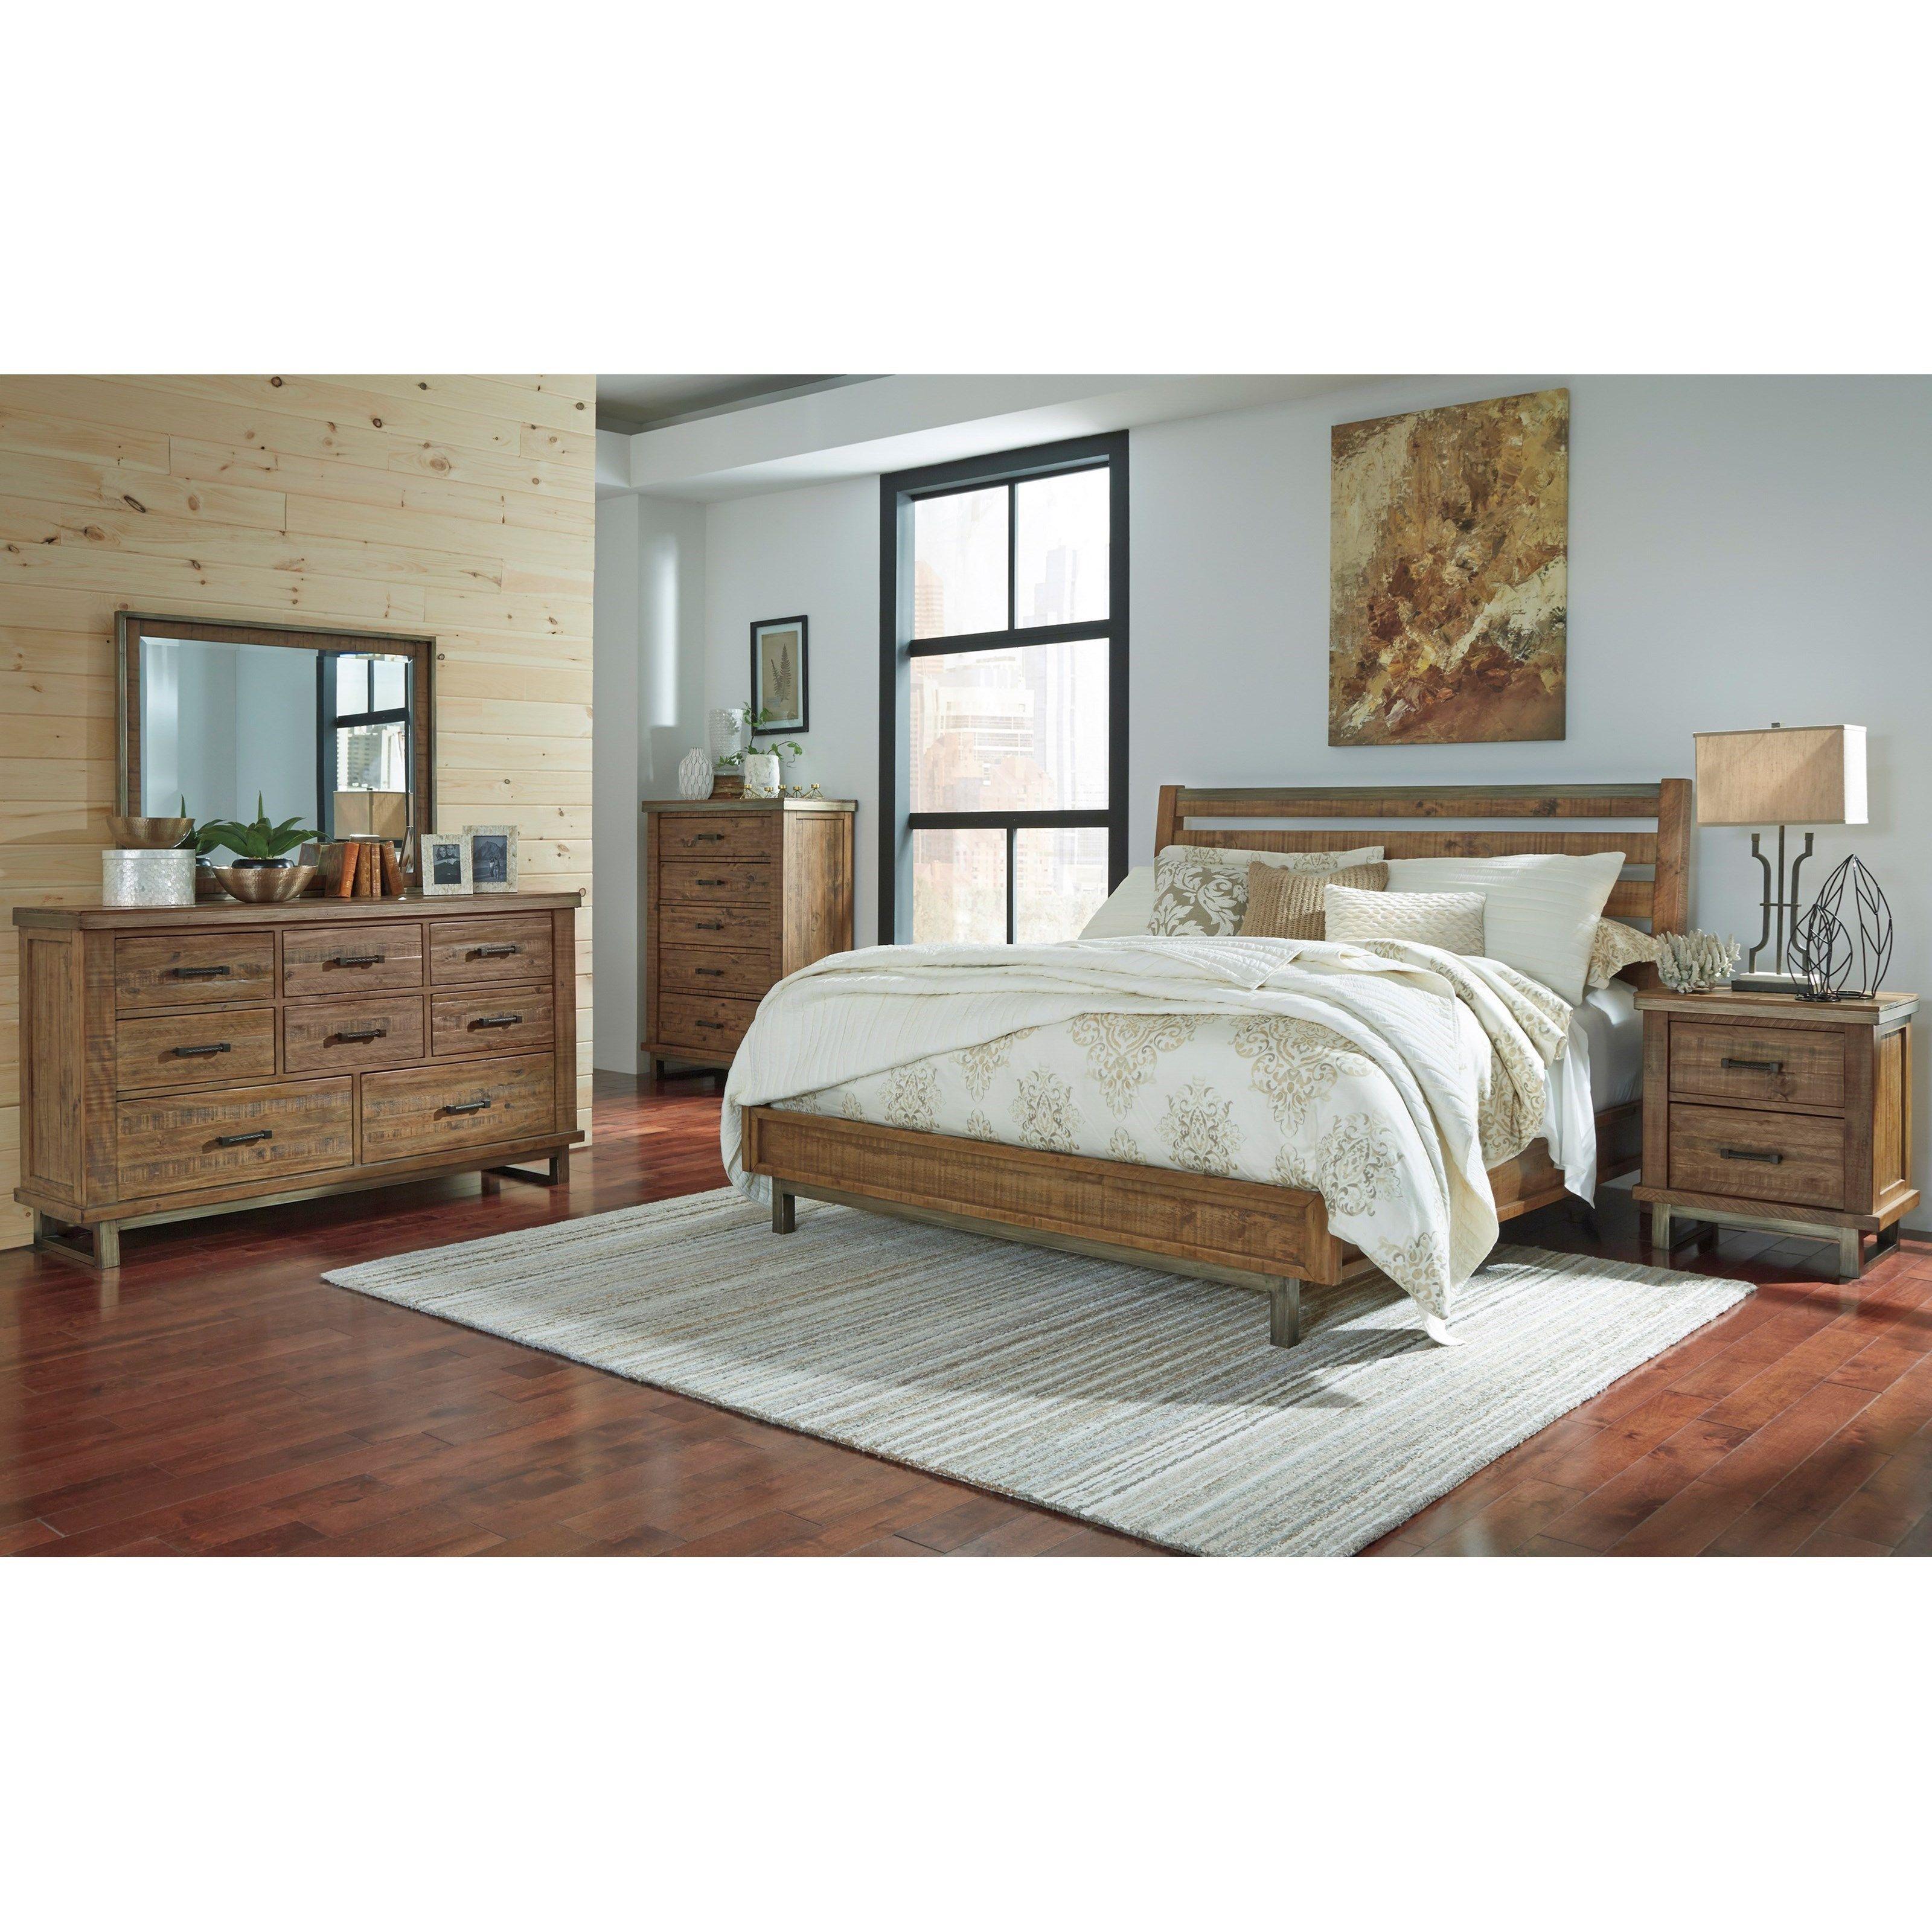 King Bedroom Group Master Bedroom Set Furniture King Bedroom Sets